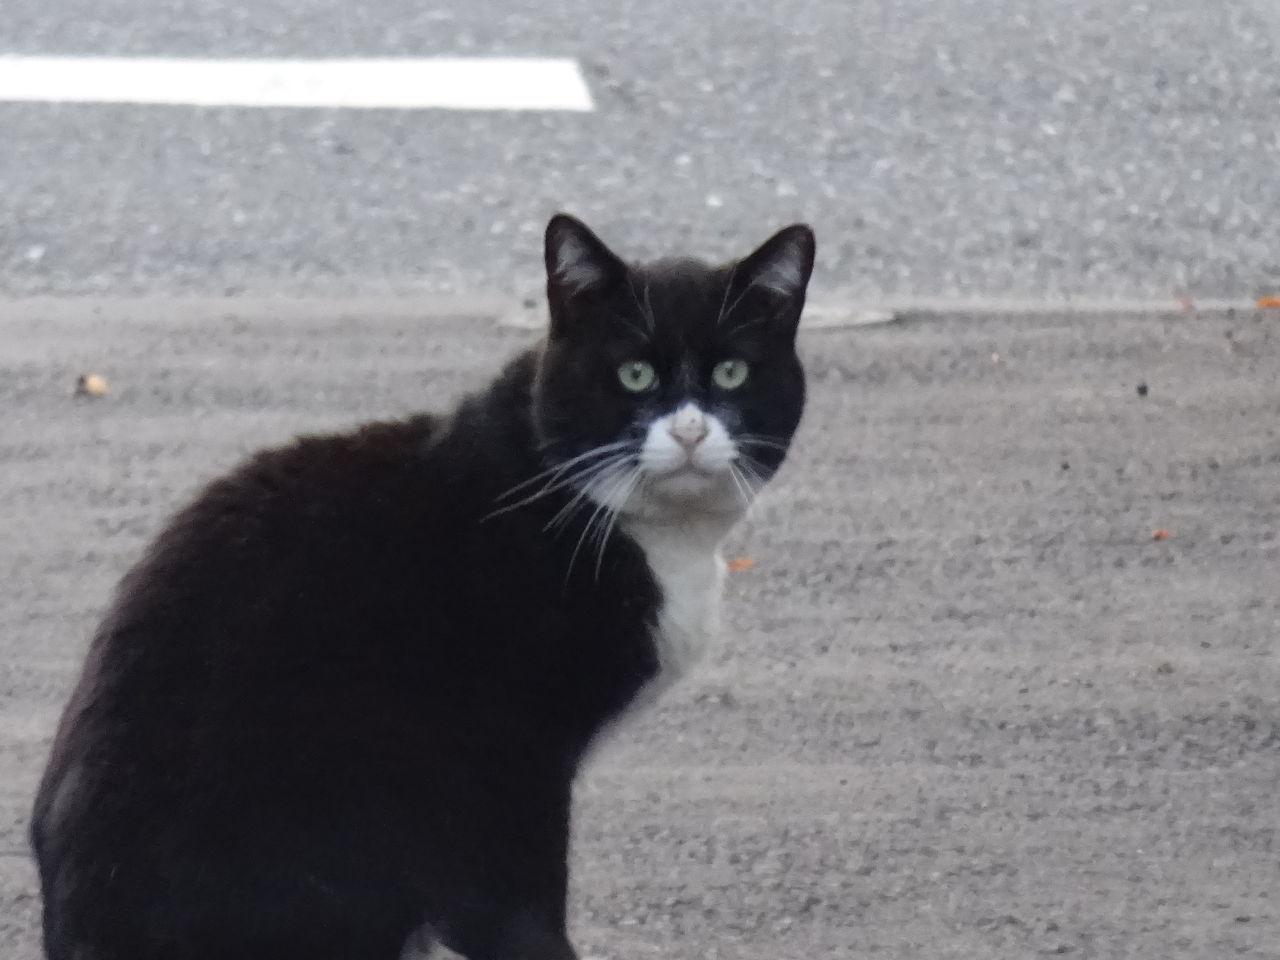 DSC06078 ねこかます : 老猫、老猫、…誰だお前は!(20150501今朝の一枚) ねこ